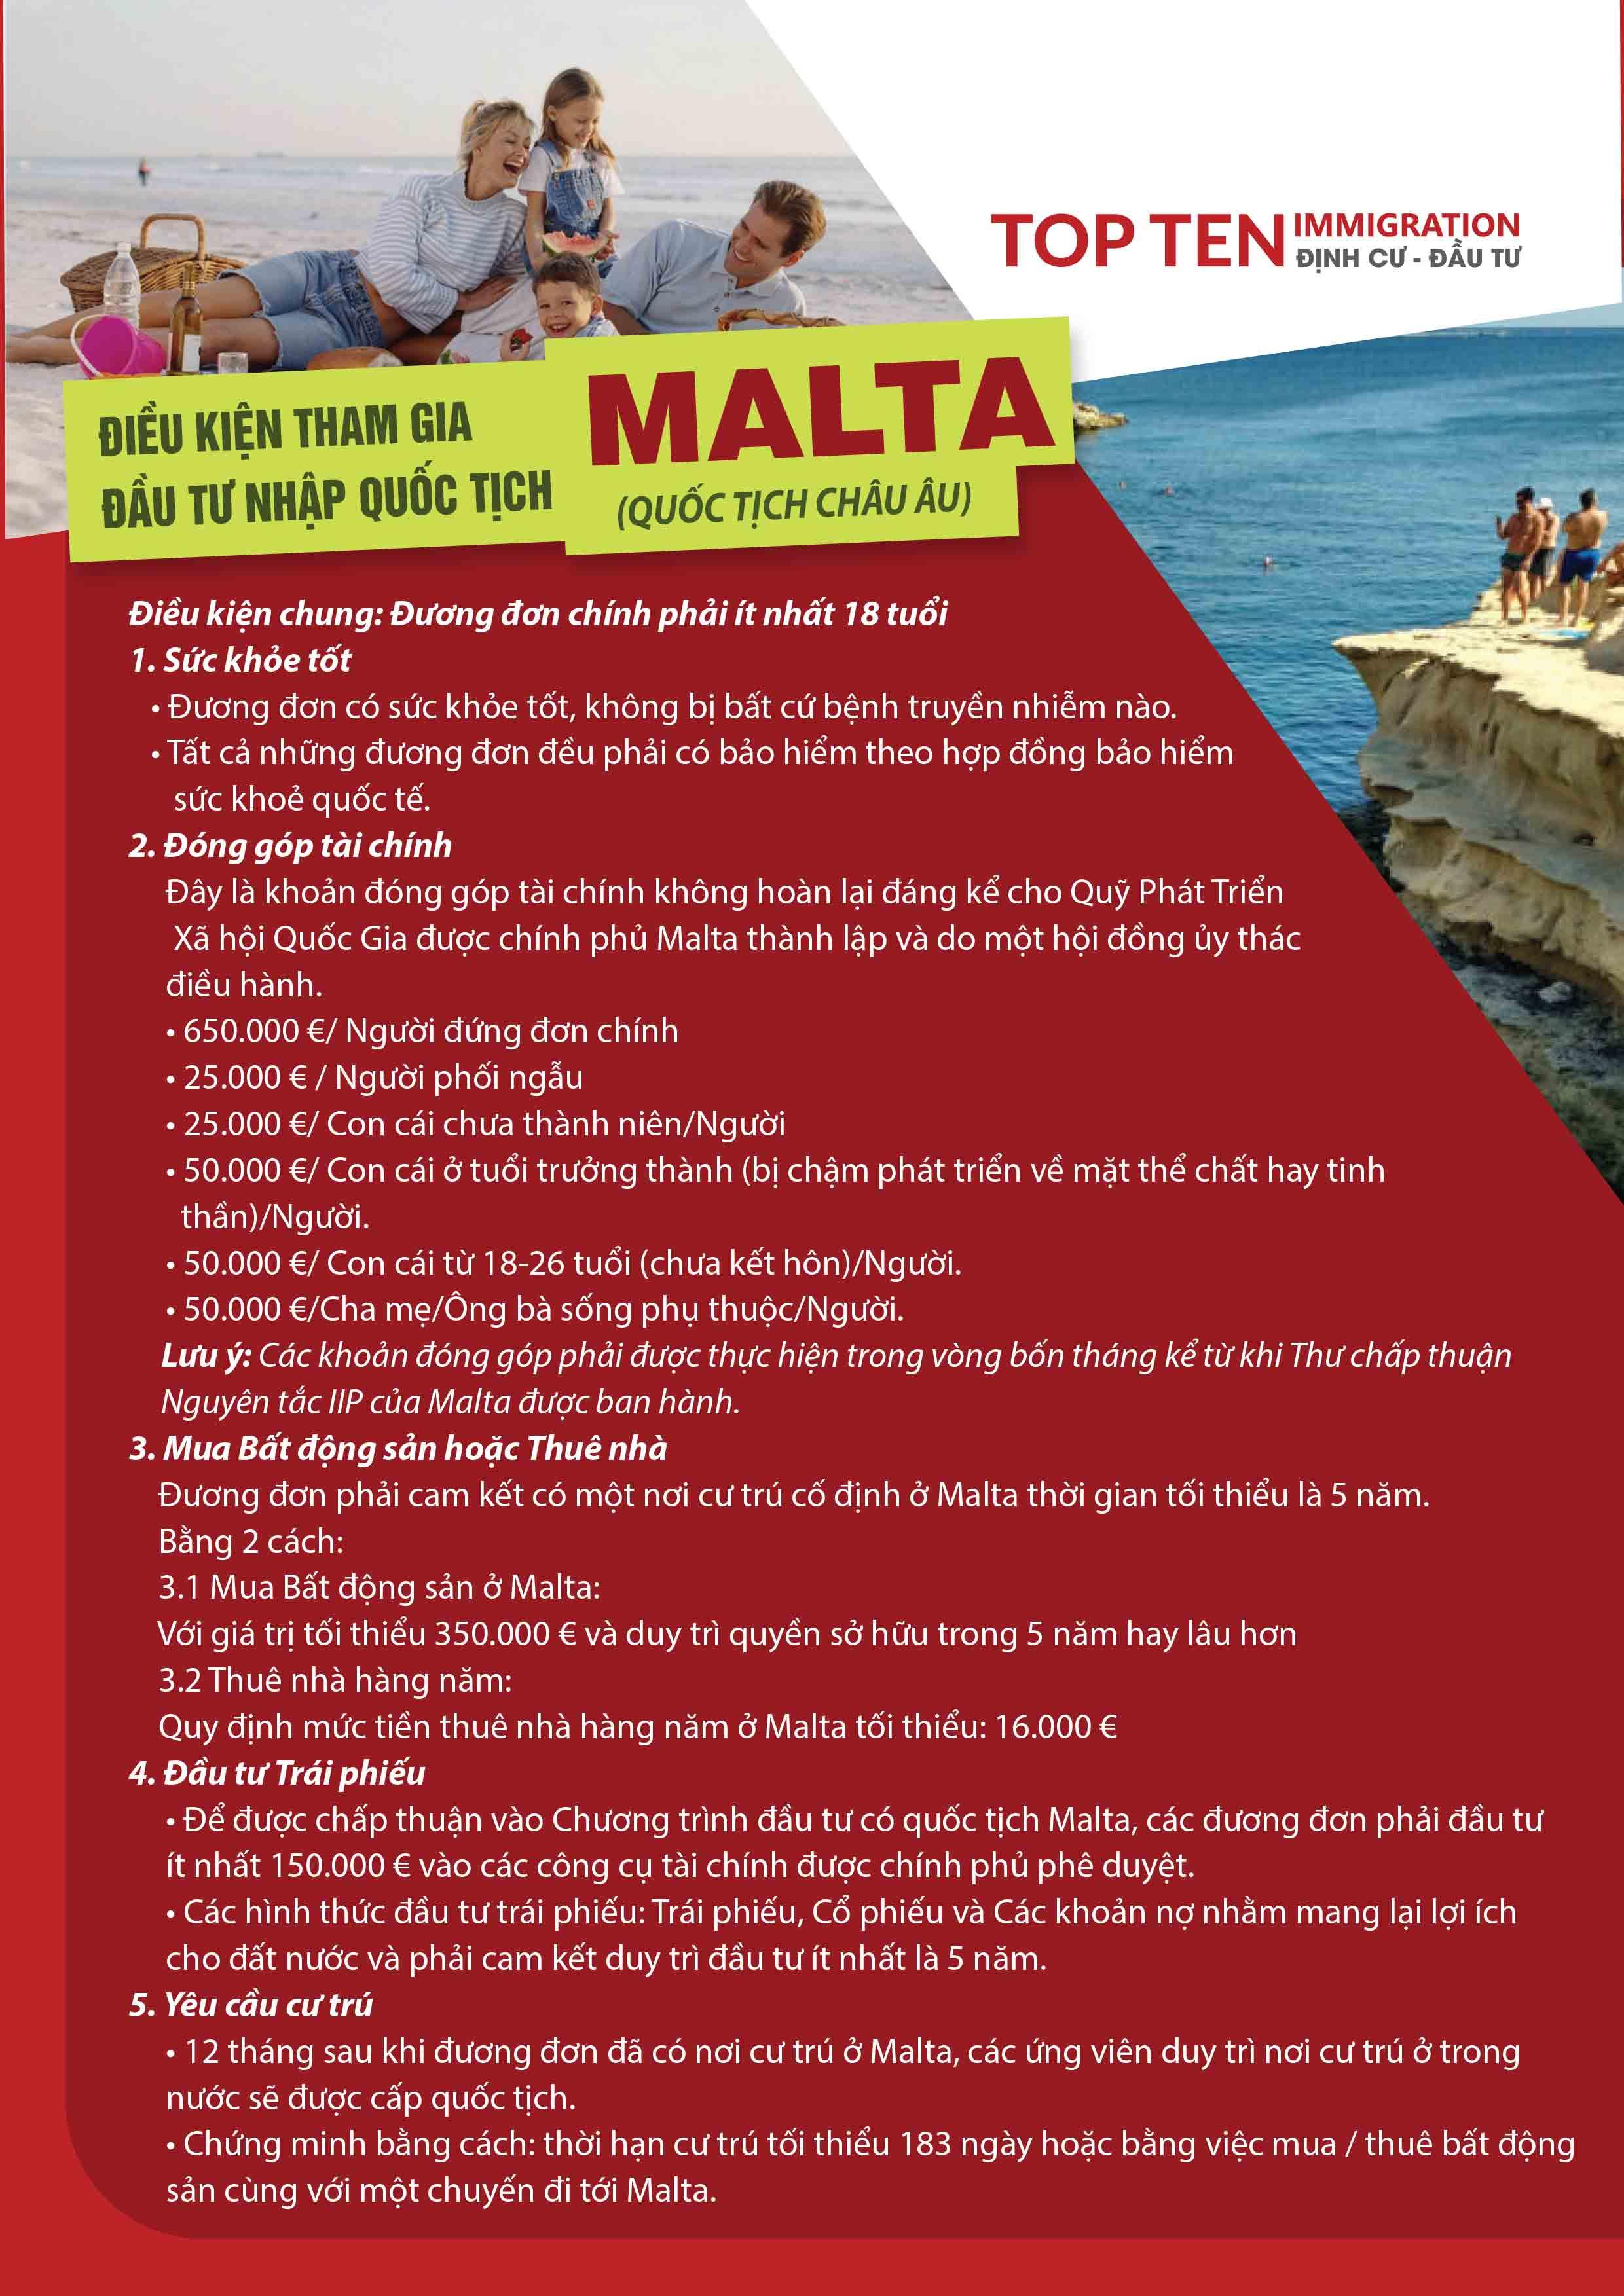 Đầu tư quốc tịch Malta